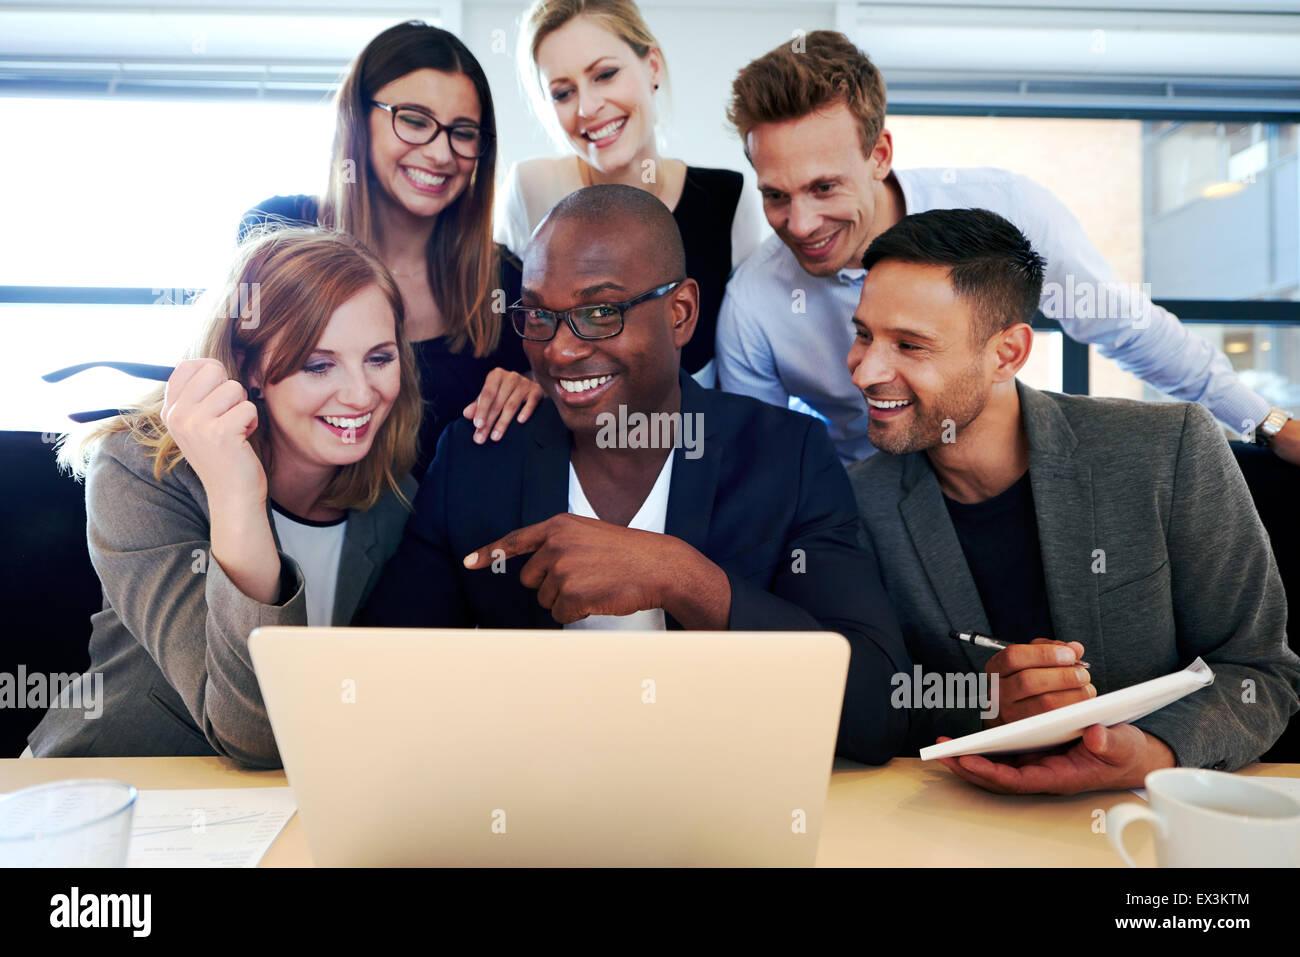 Maschio nero executive sorridente in telecamera con i colleghi riuniti intorno a lui e il computer portatile Immagini Stock